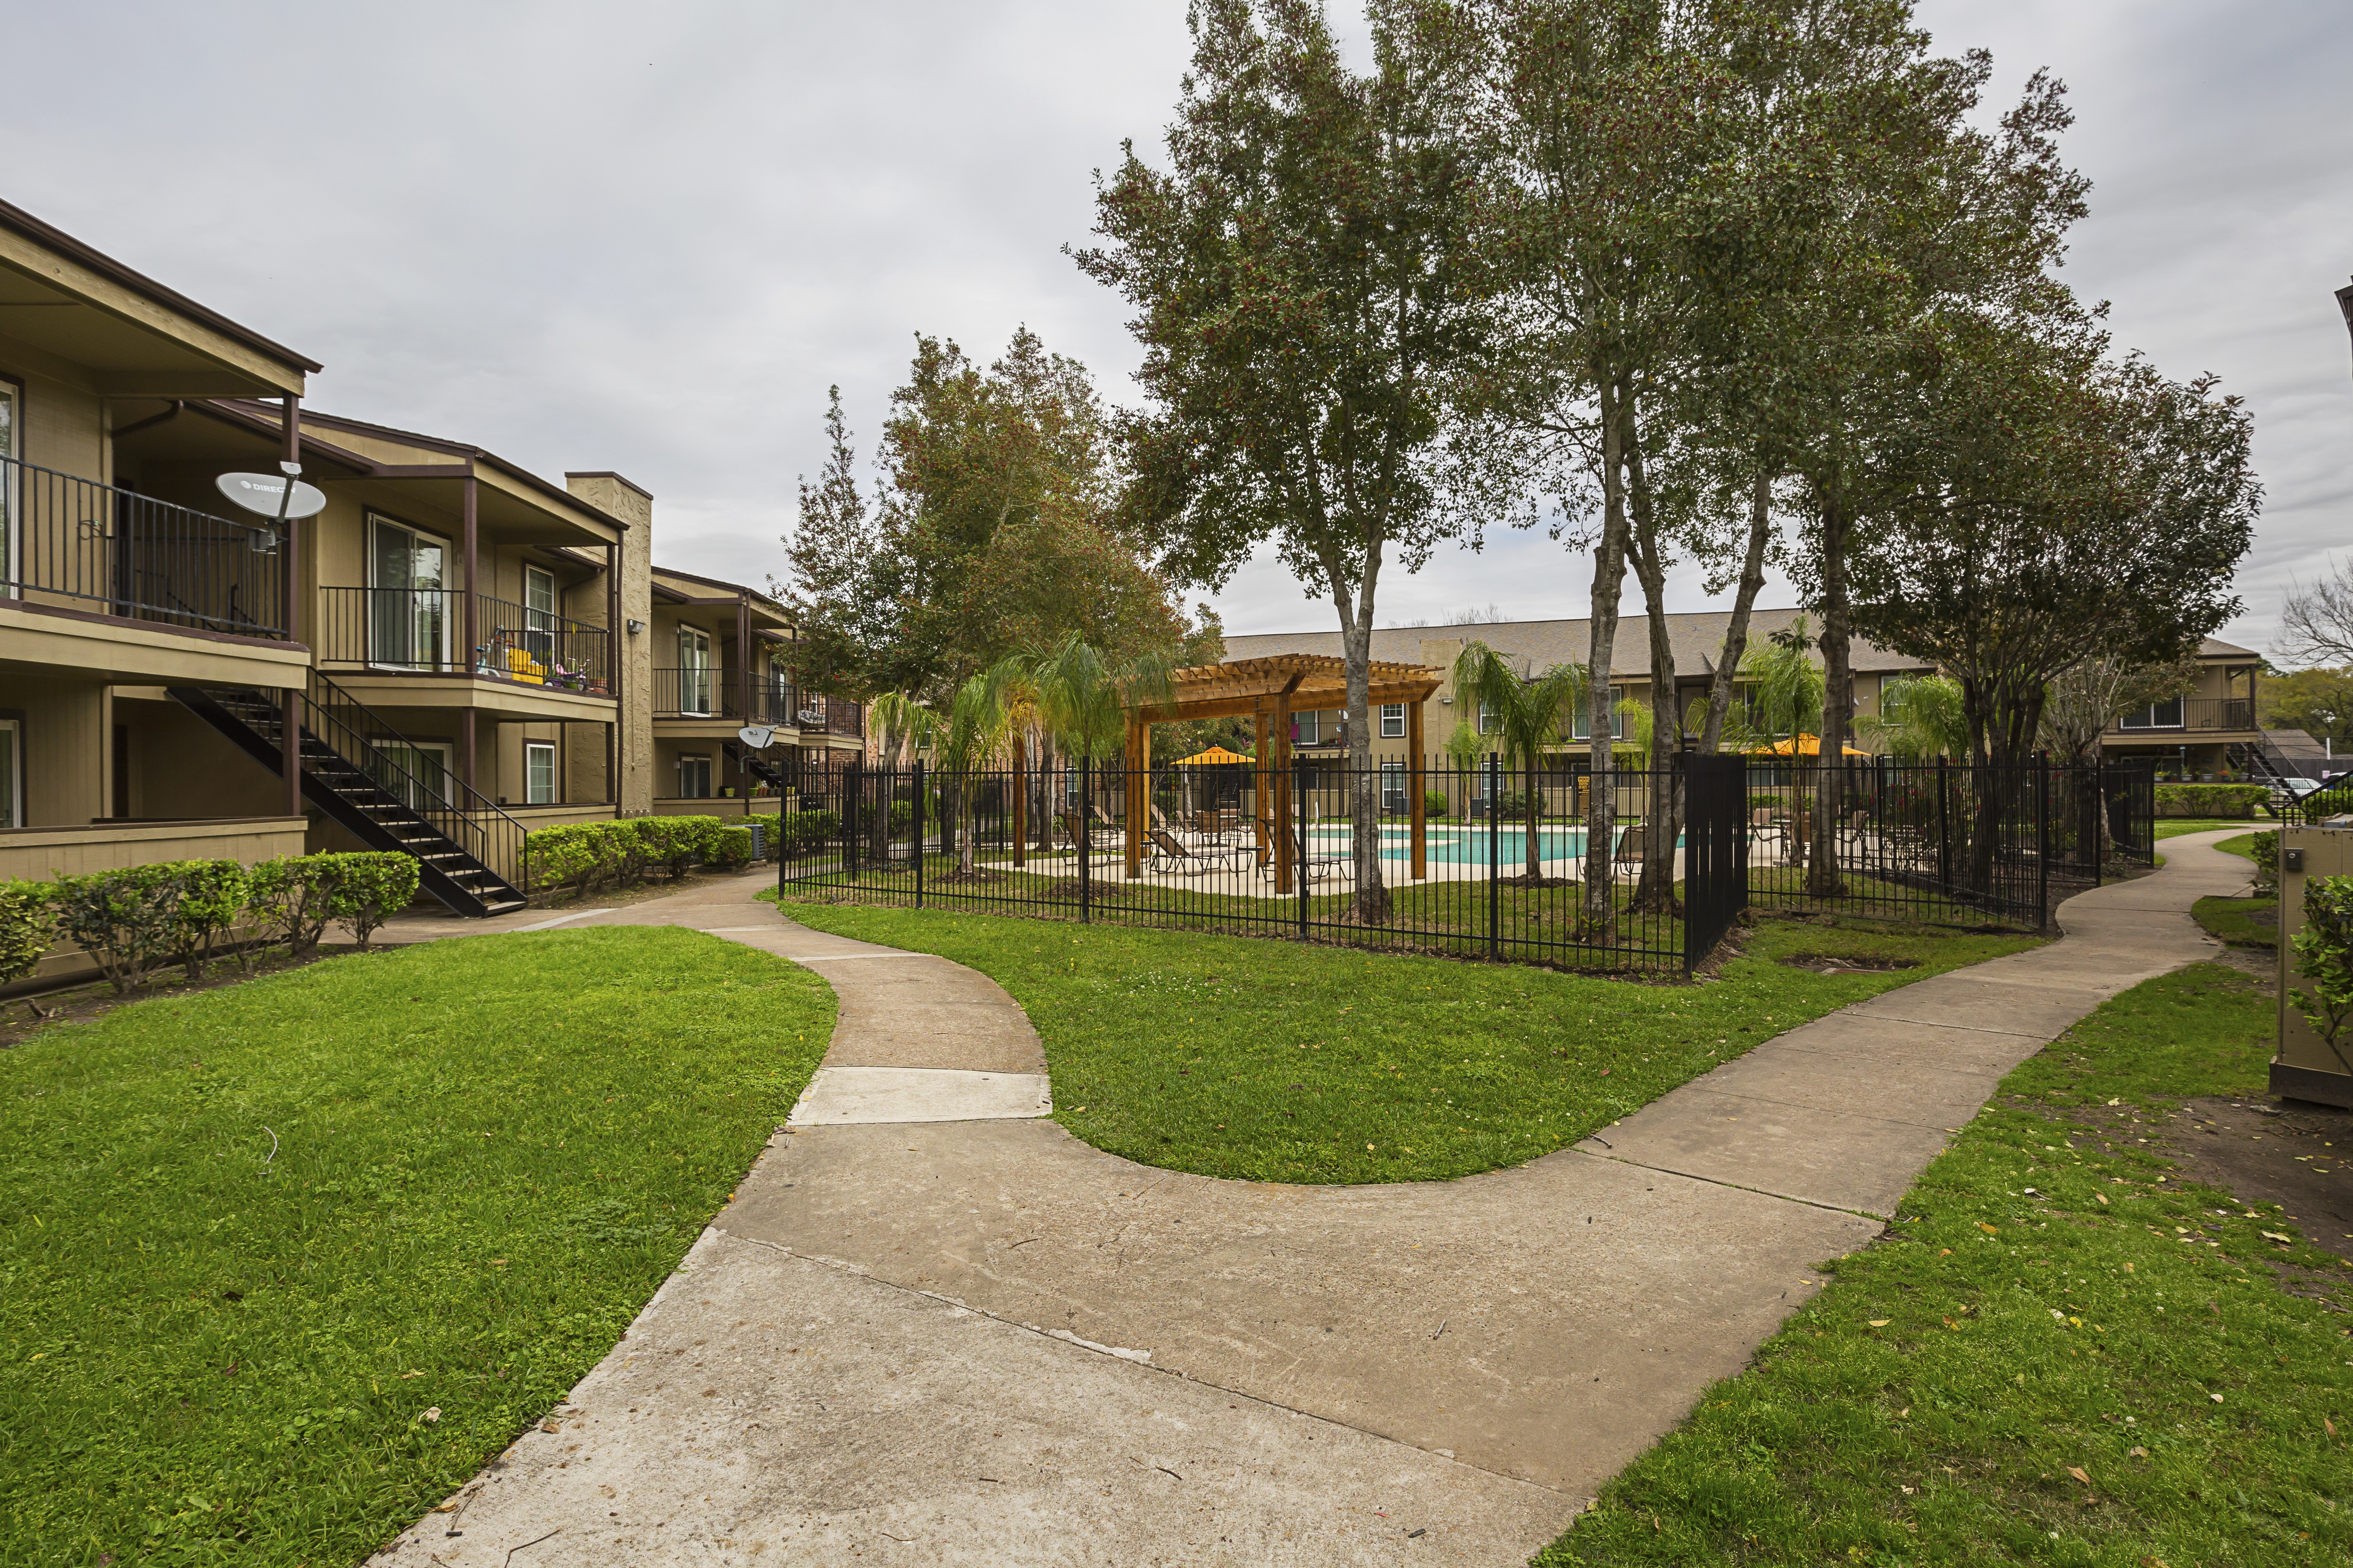 Vista Arbor Square